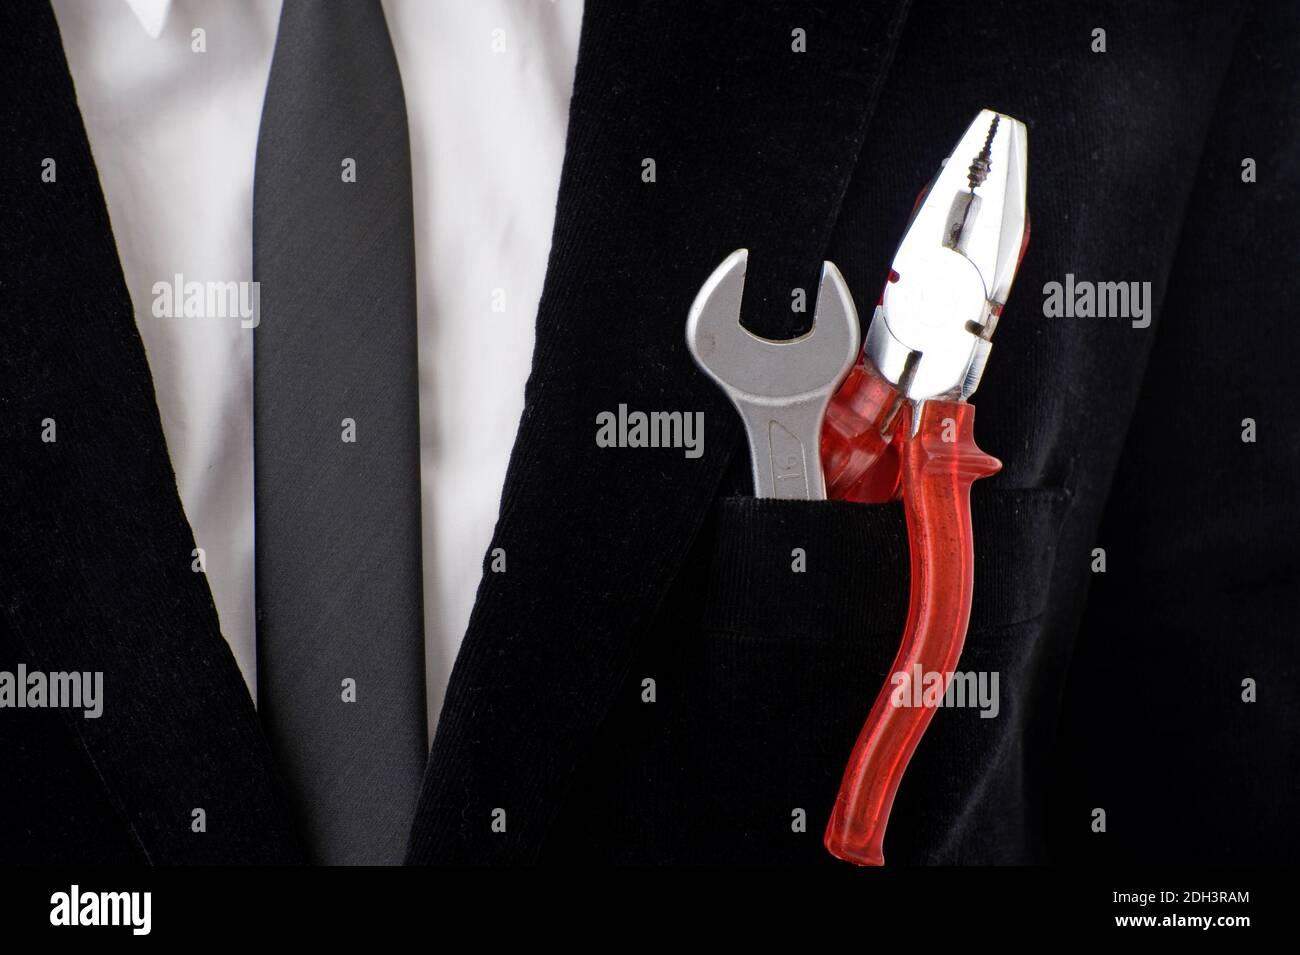 Mann, 40, Geschäftsmann, Anzug, Werkzeug, Zange, Schraubenschlüssel, Selfmade, MR:Yes Stock Photo